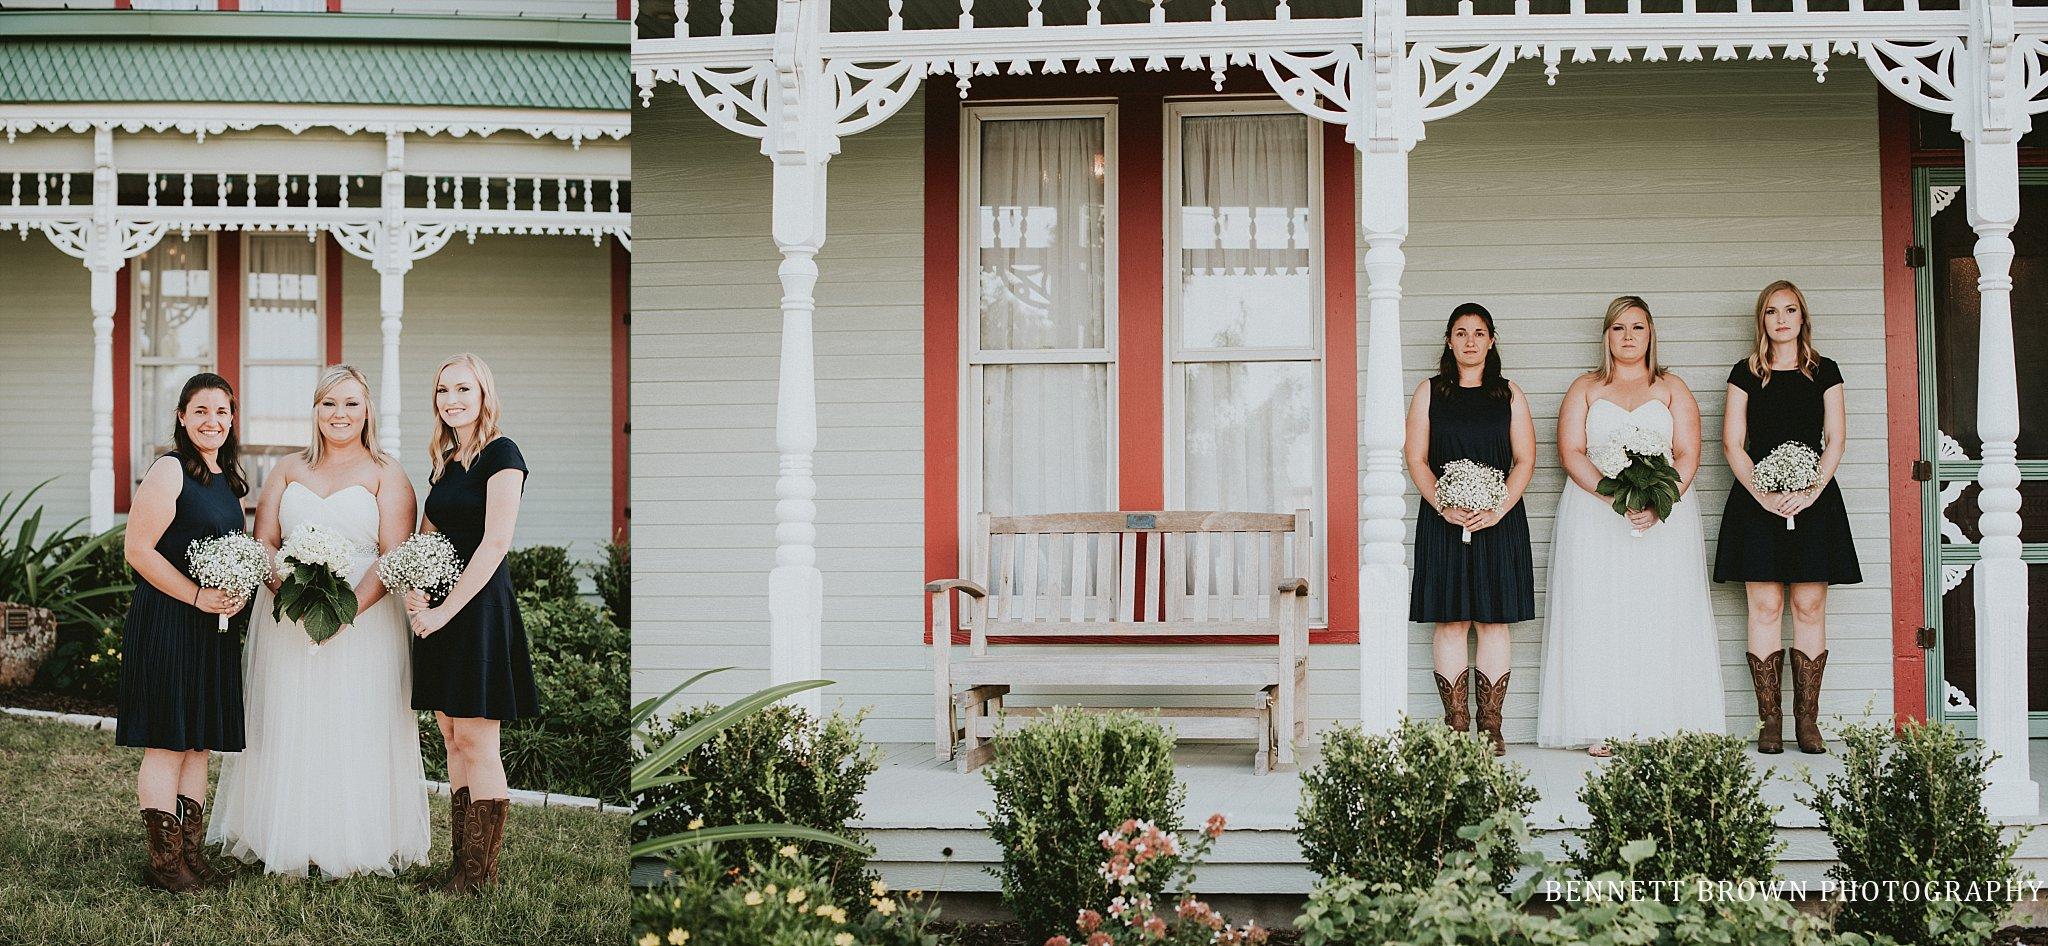 Bennett Brown Photography Frisco Texas Wedding venue Bride Bridesmaids